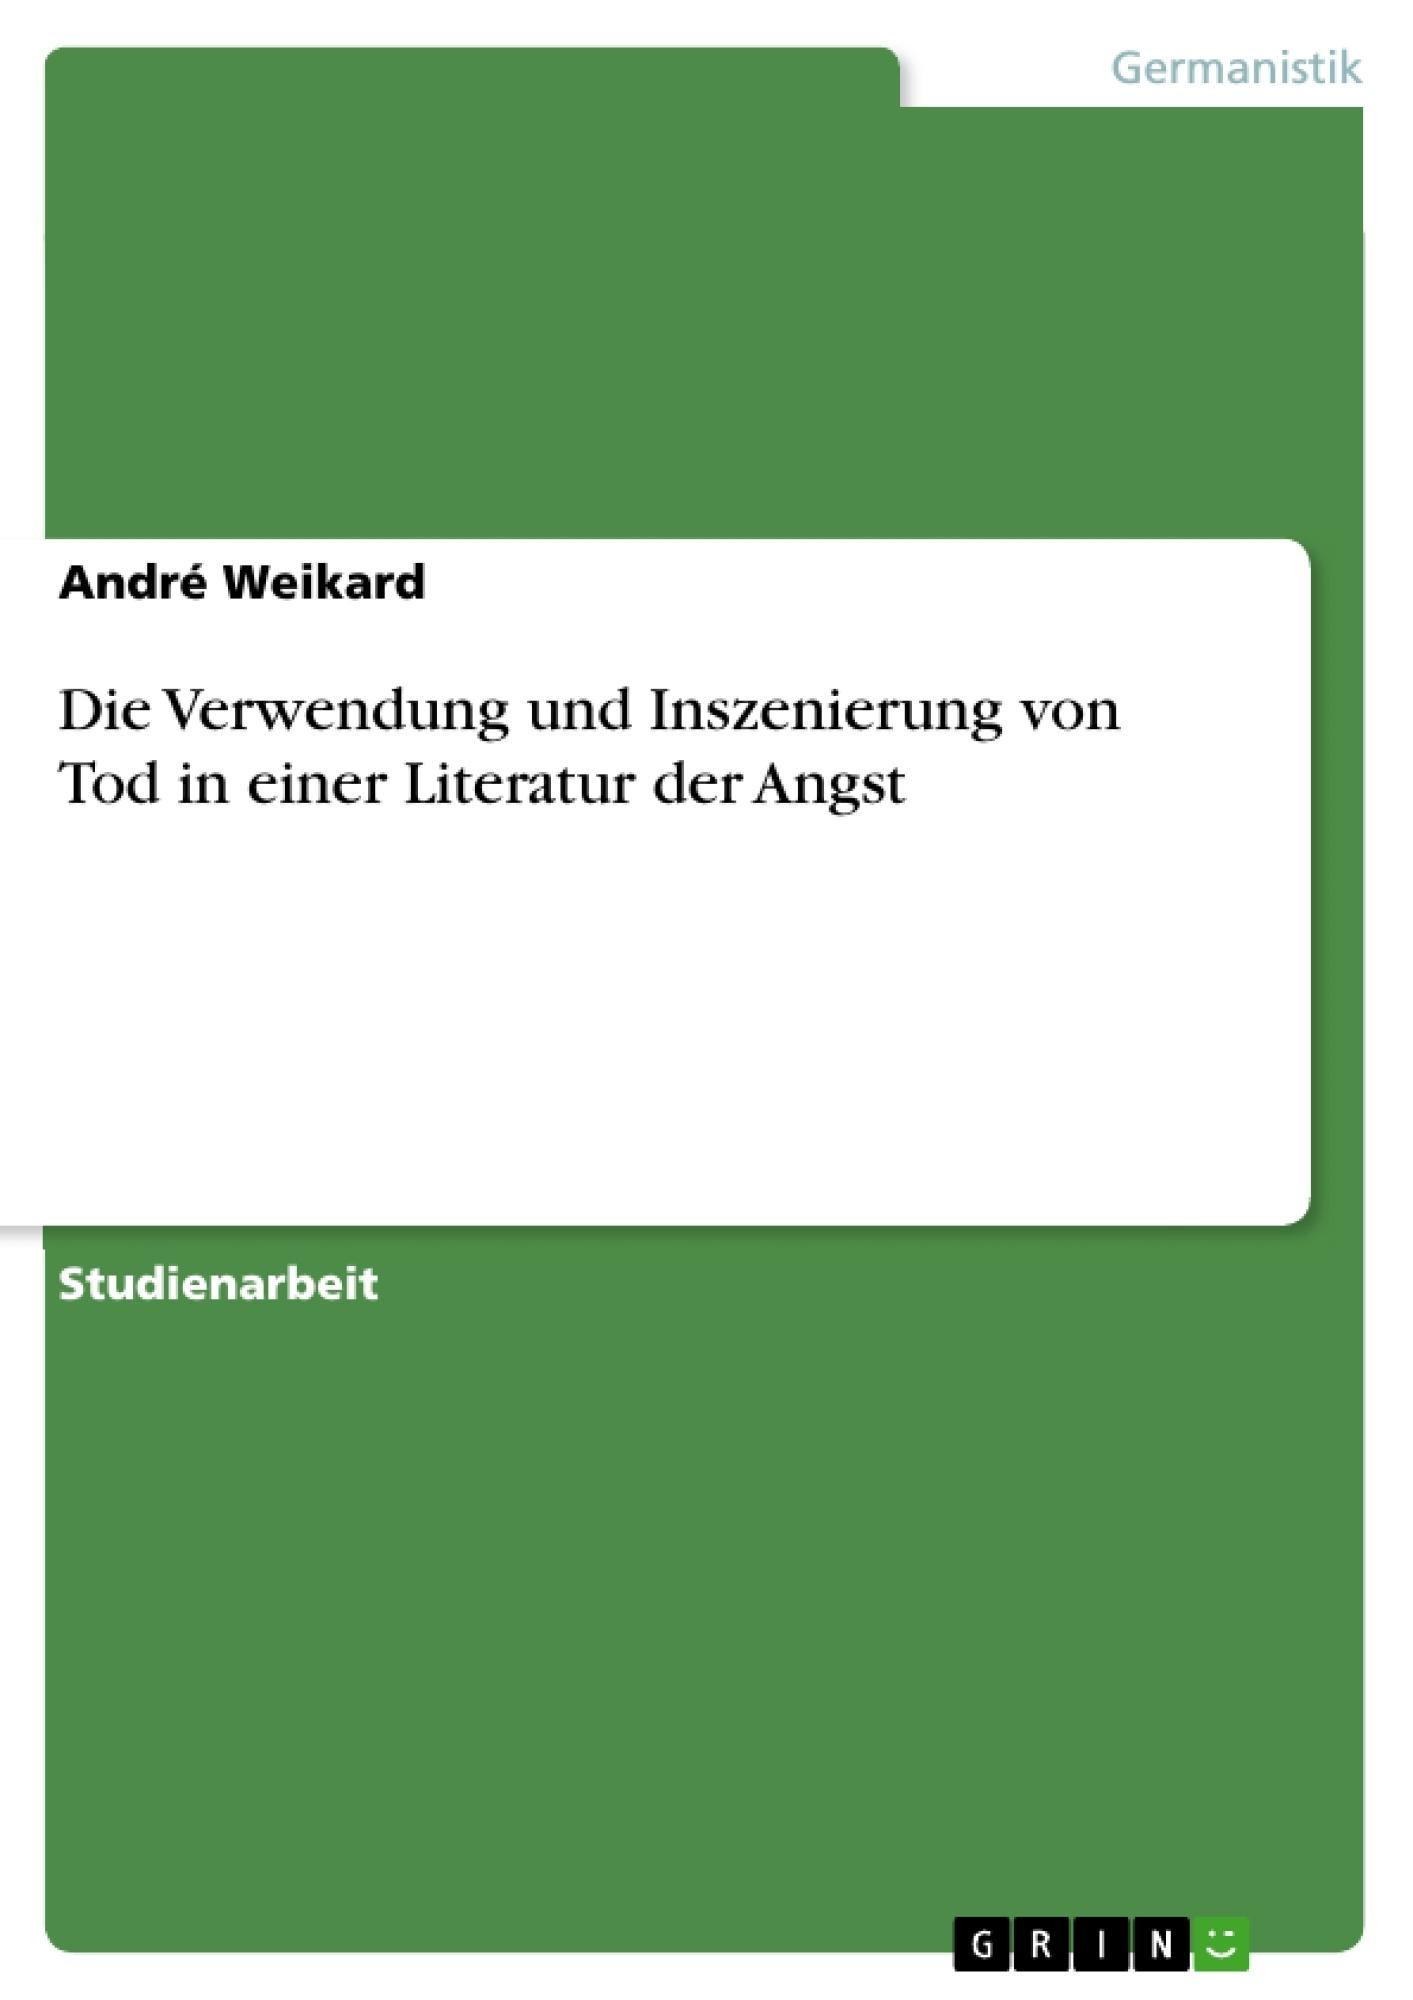 Titel: Die Verwendung und Inszenierung von Tod in einer Literatur der Angst